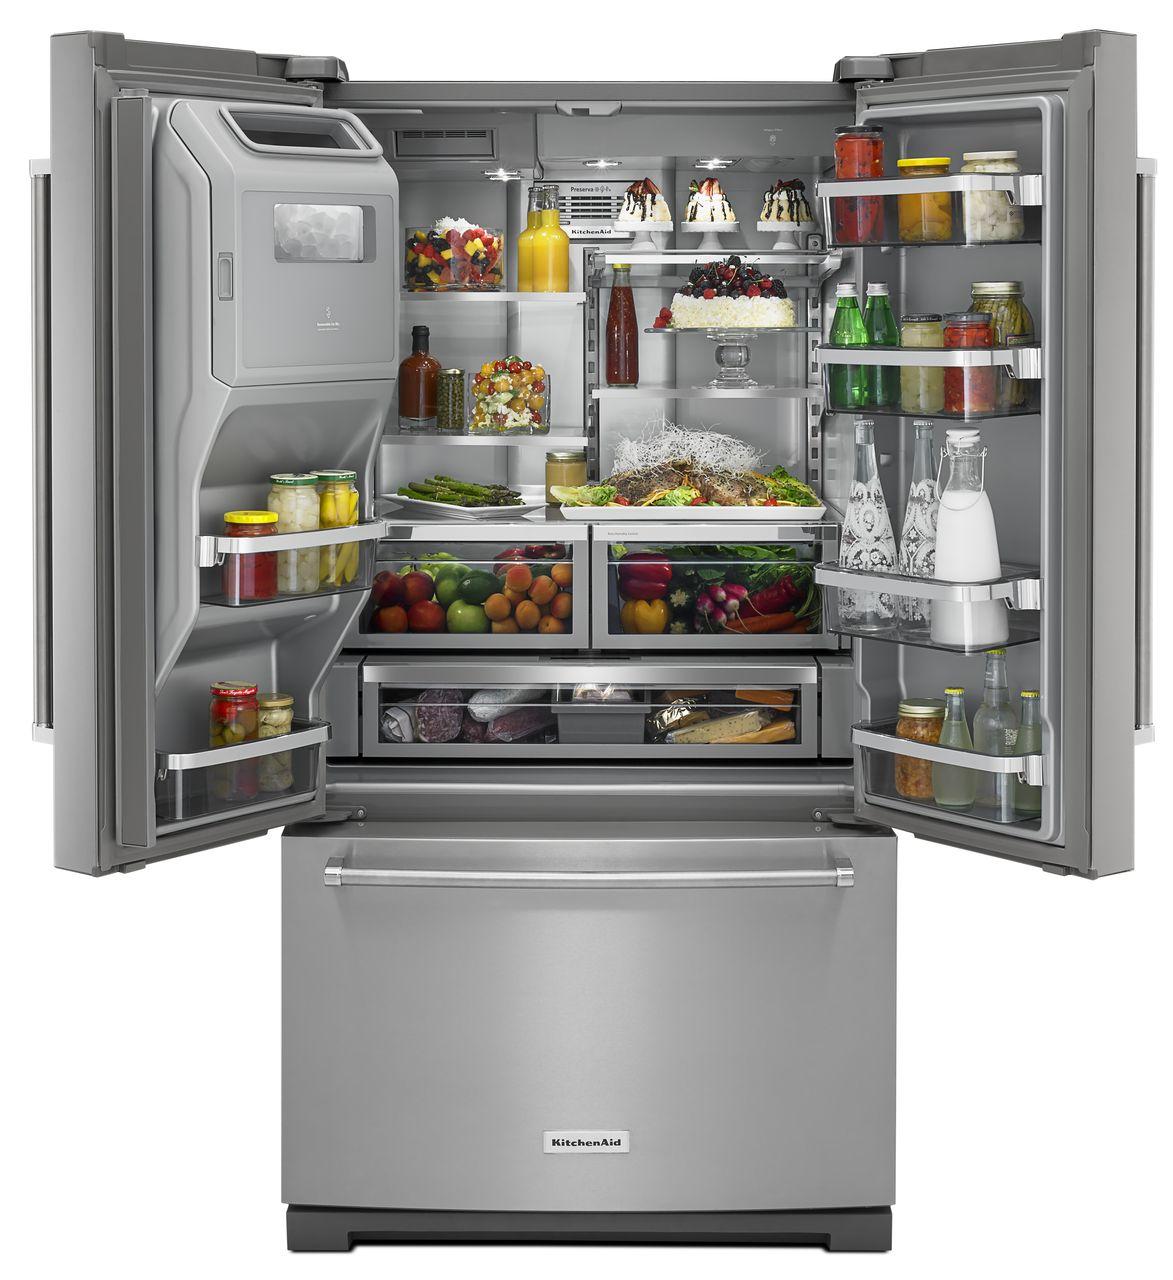 KitchenAid 29 Cu Ft French Door Refrigerator